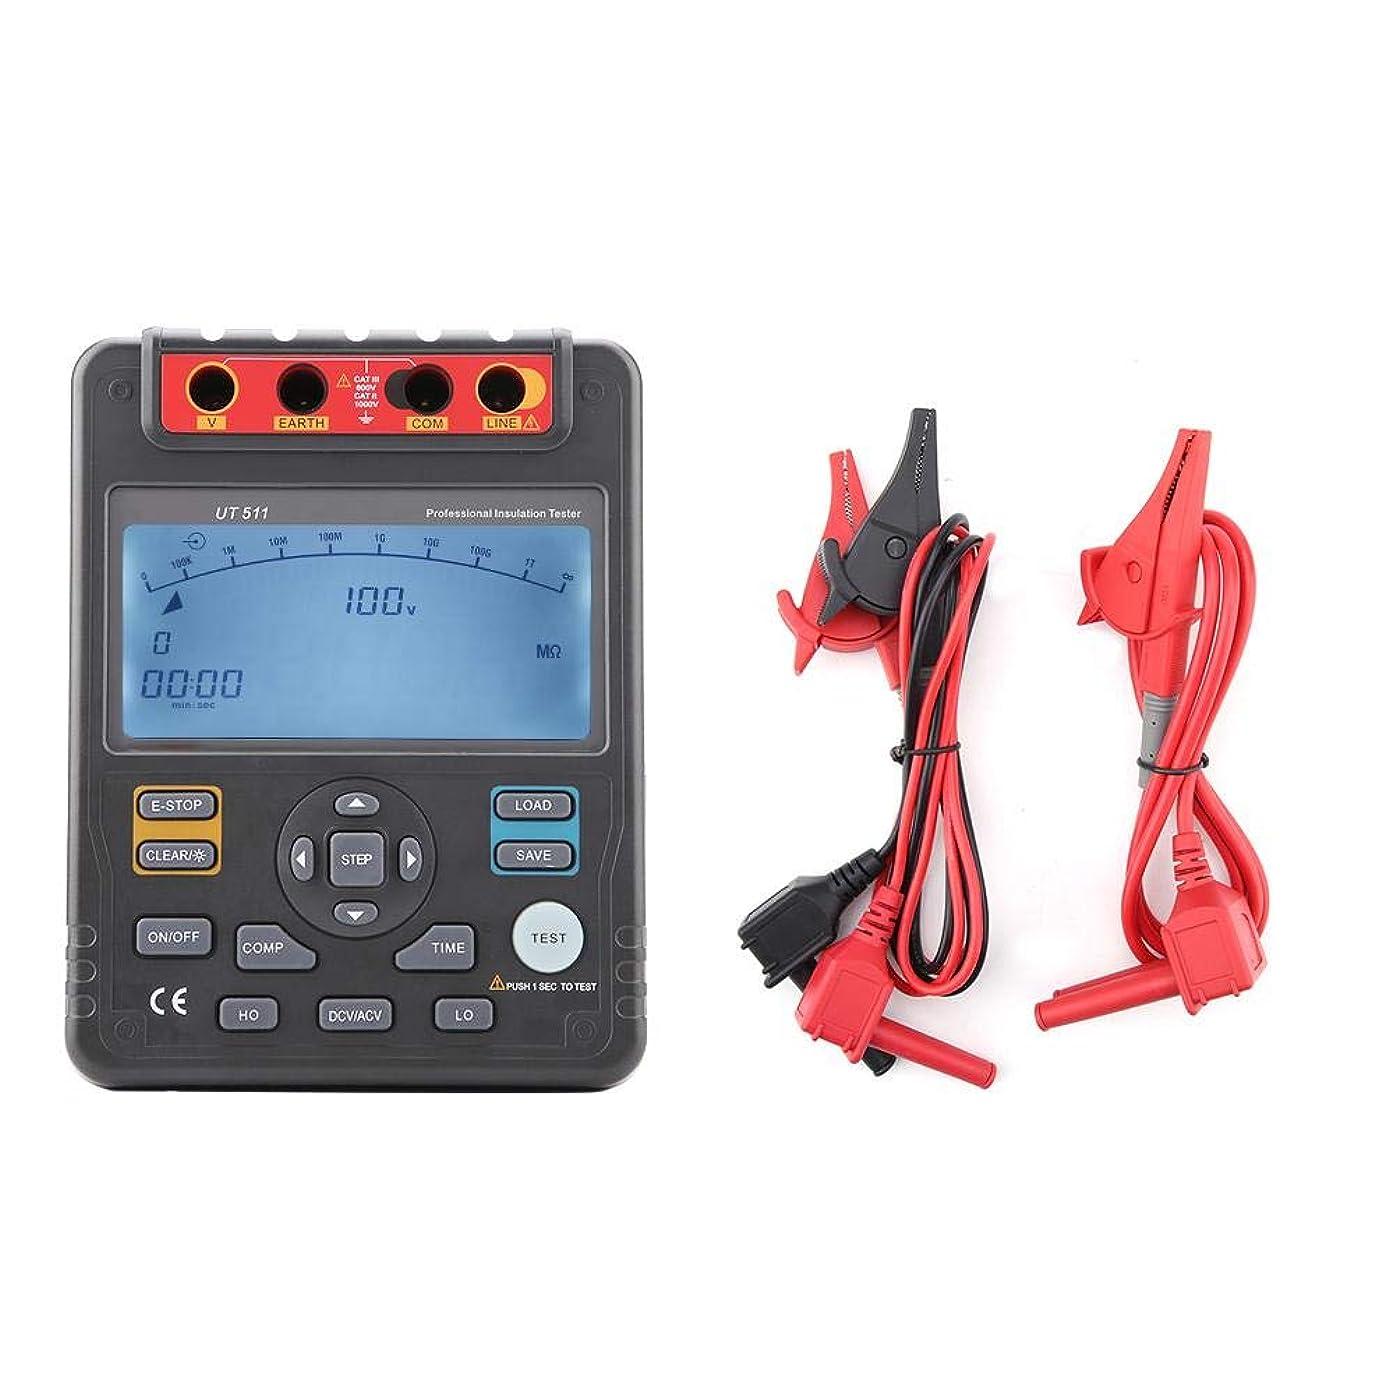 覗くインレイ誠実UT511自動範囲のデジタル絶縁抵抗のテスターMegohmmeterの電圧計